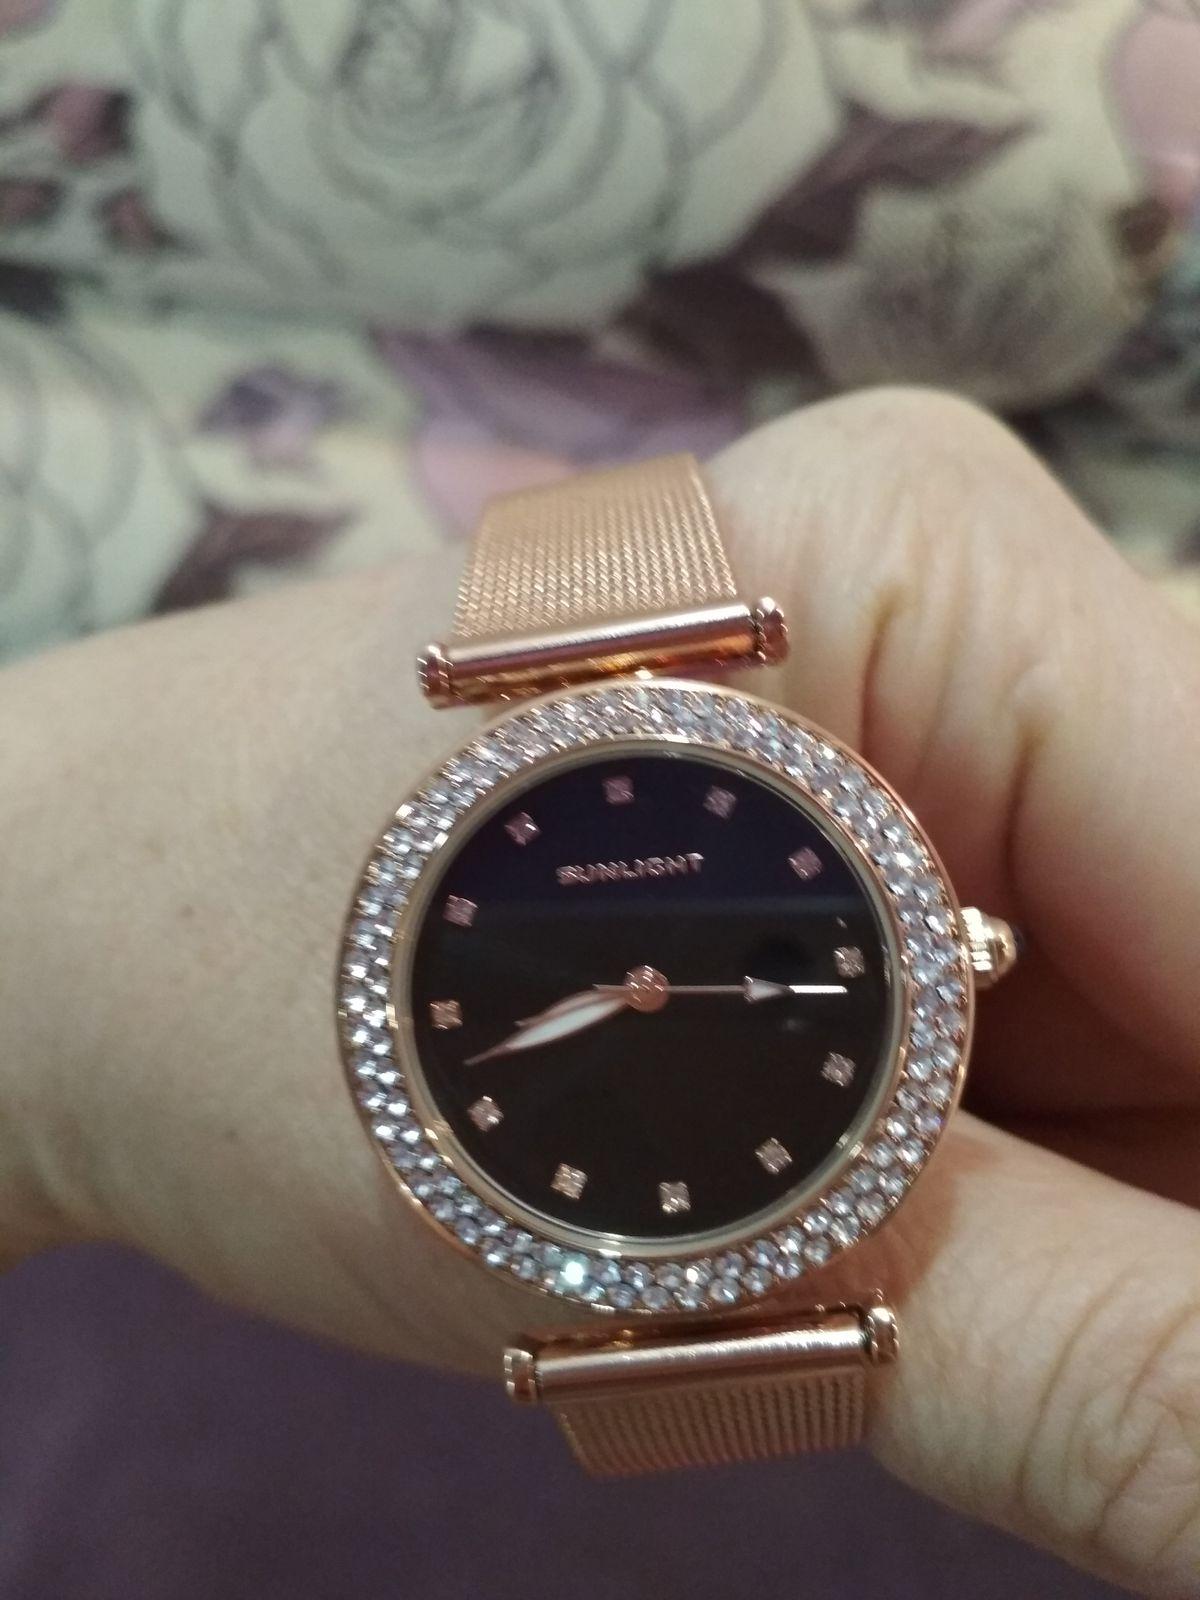 Покупала часы очень понравилось спасибо большое